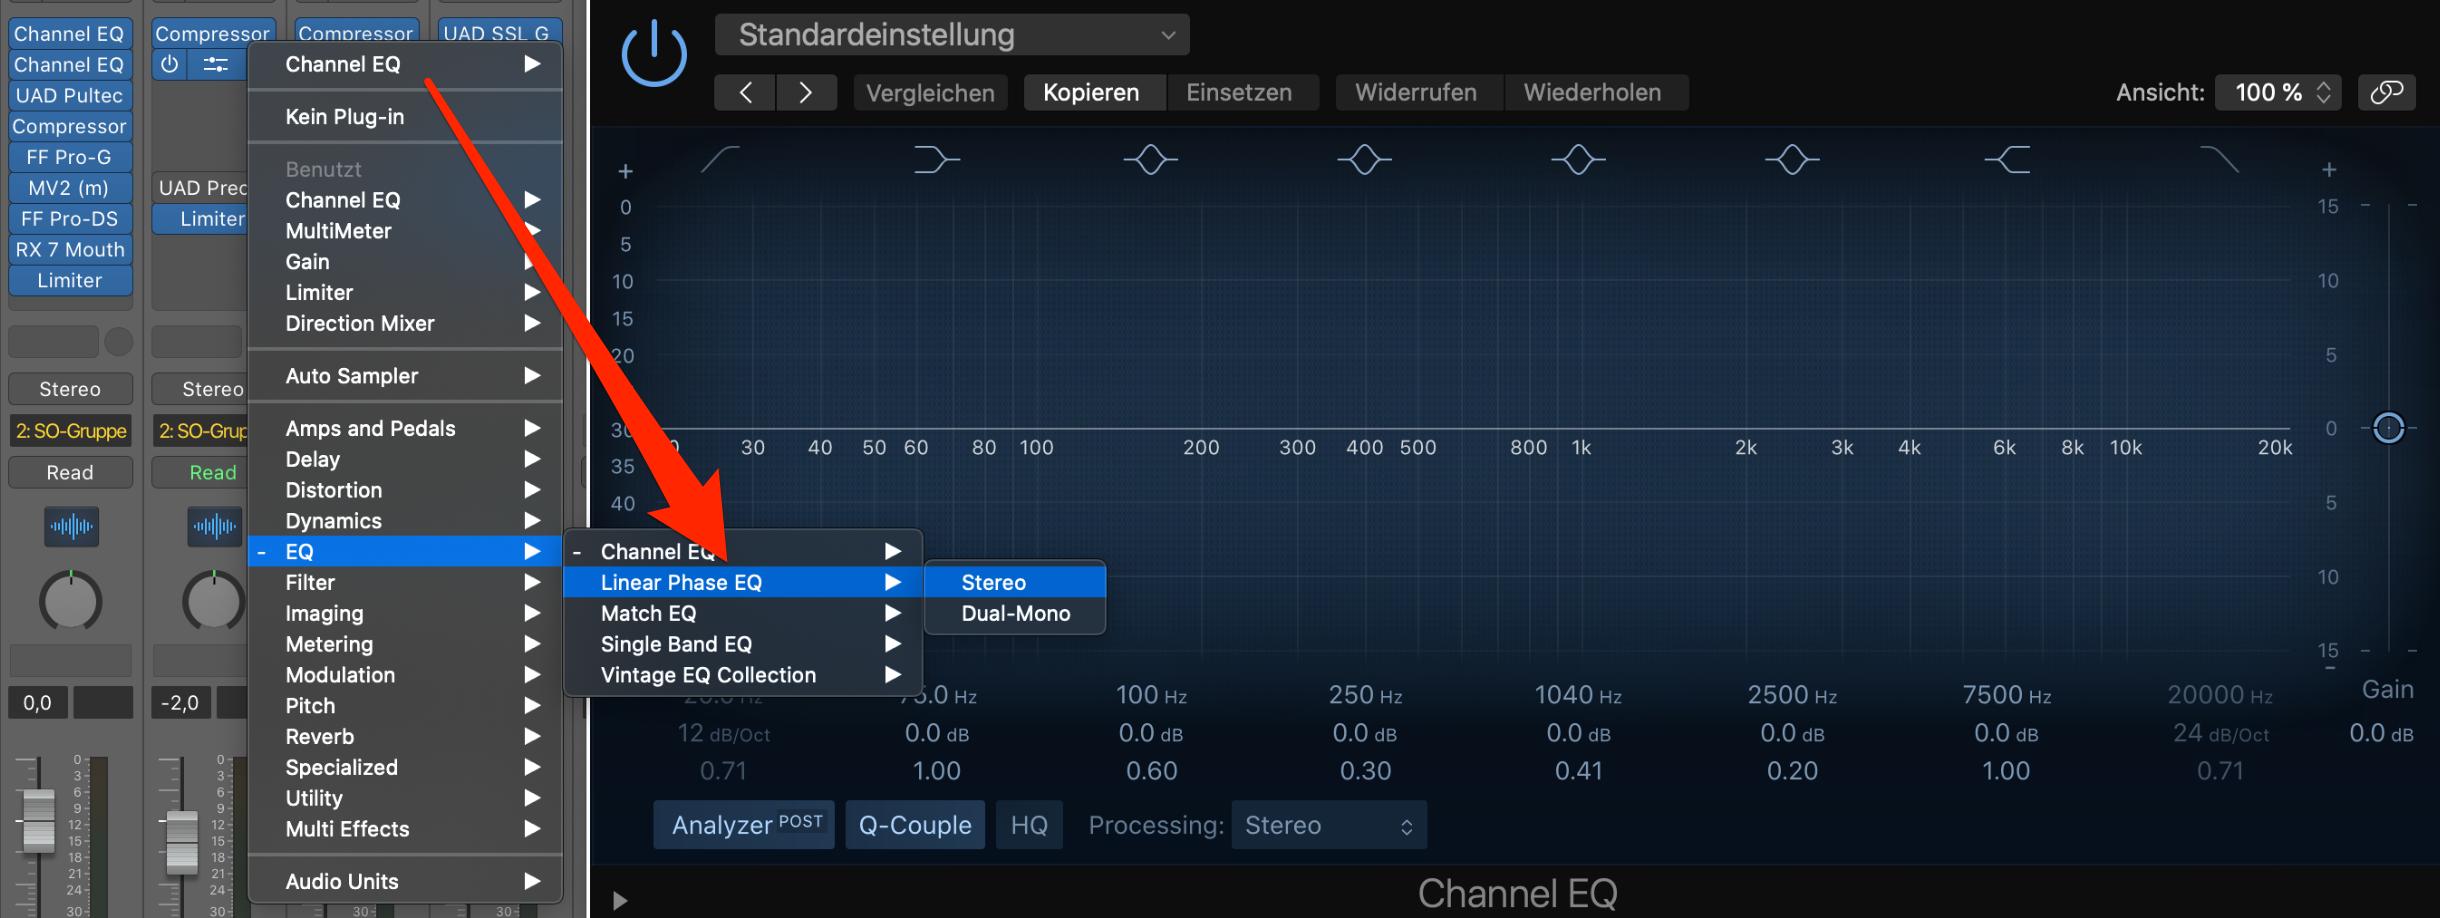 Einfacher Wechsel zwischen CHannel-EQ und Linear Phase EQ in Logic Pro X